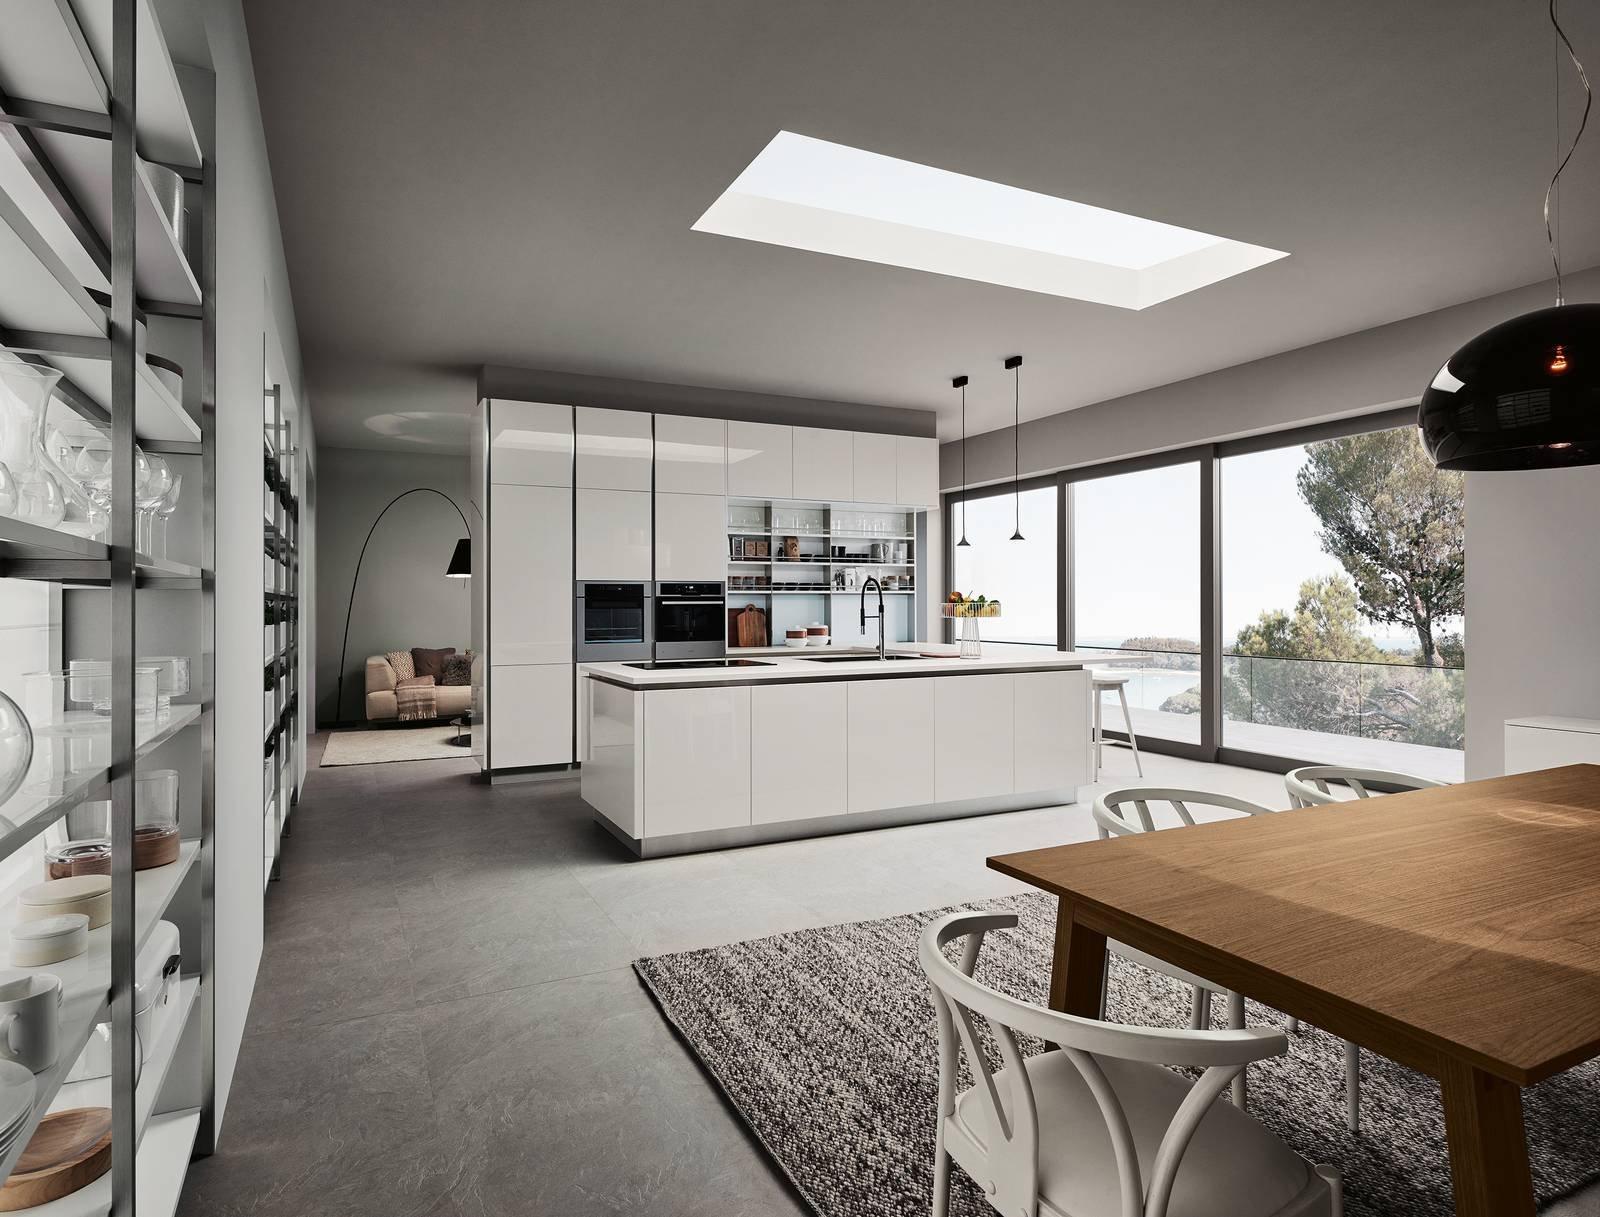 Qual il colore pi richiesto e scelto per la cucina cose di casa - Cucine da 10000 euro ...